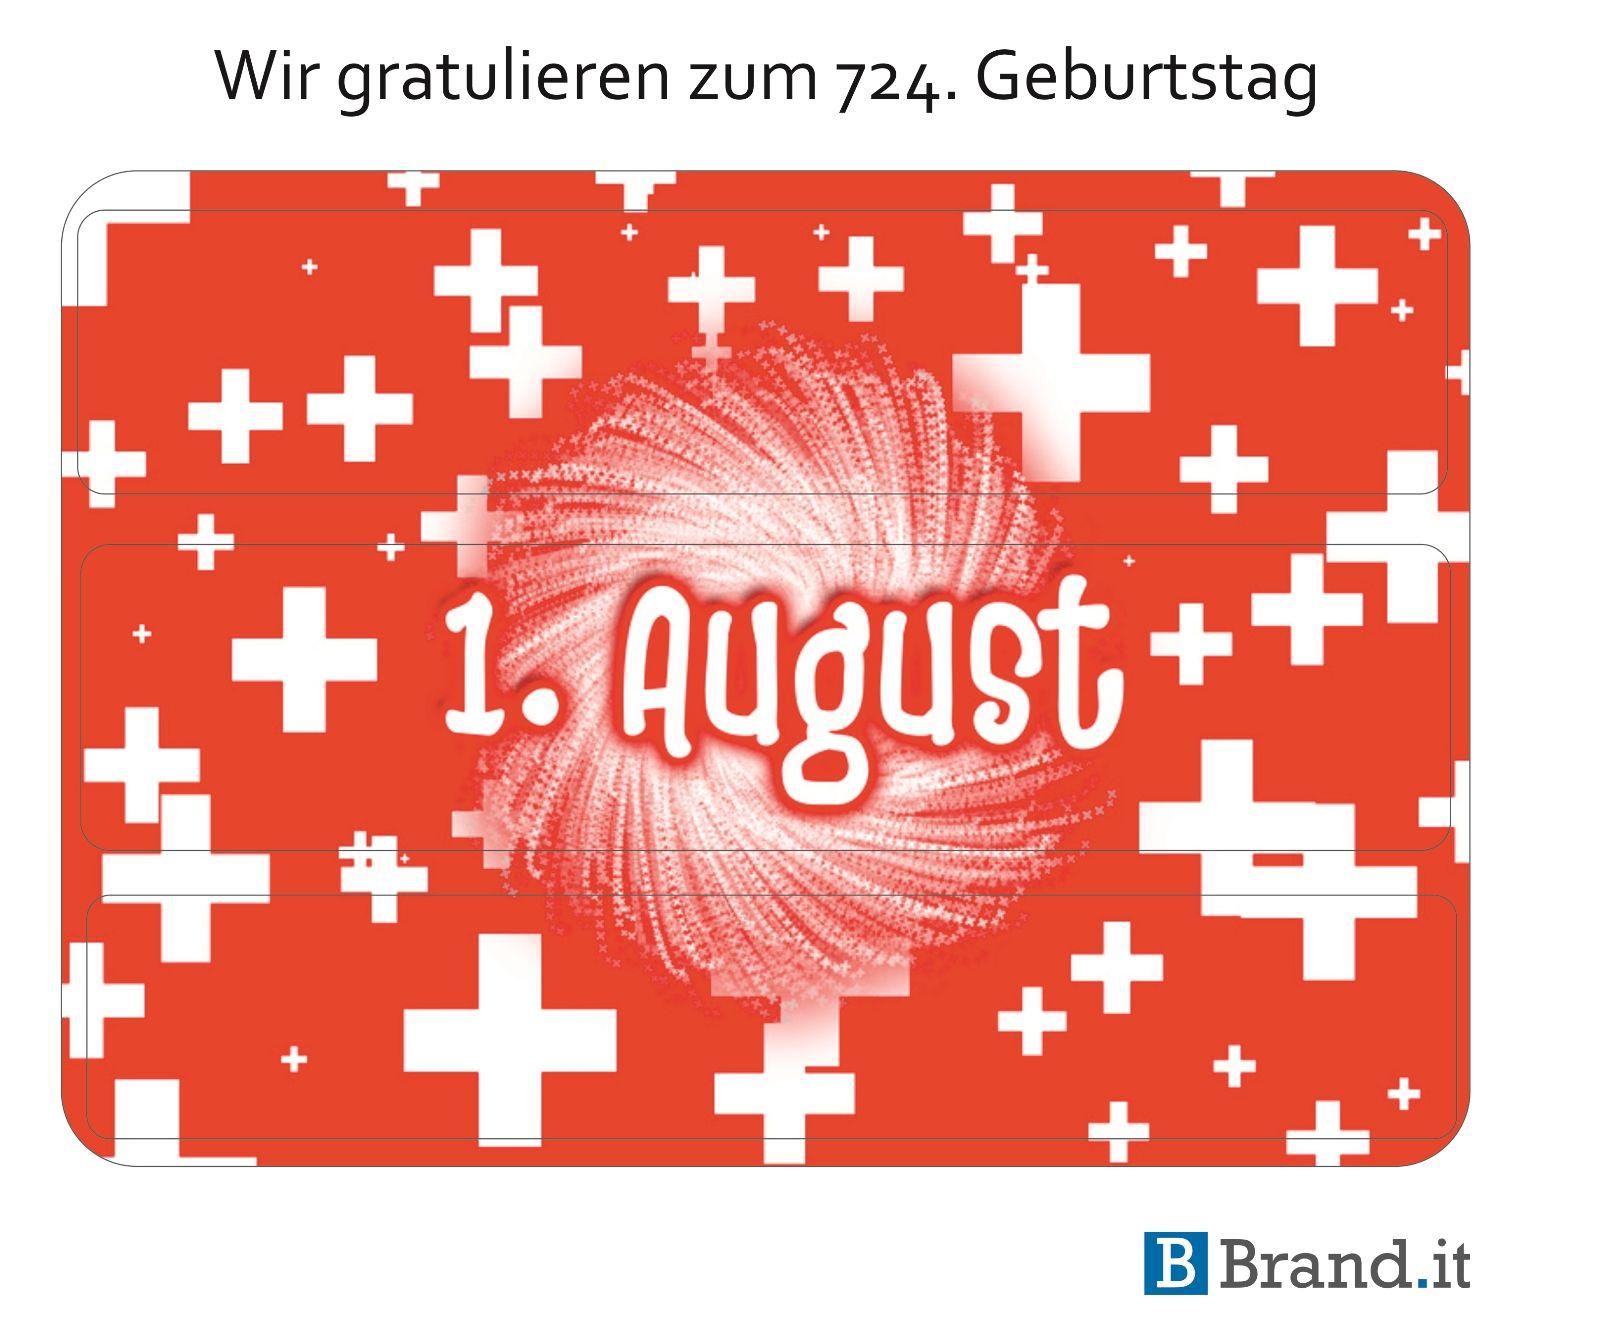 Wir gratulieren allen Schweizern recht herzlich zum 724. Geburtstag #schweiz #bundesfeier #nationalfeiertag